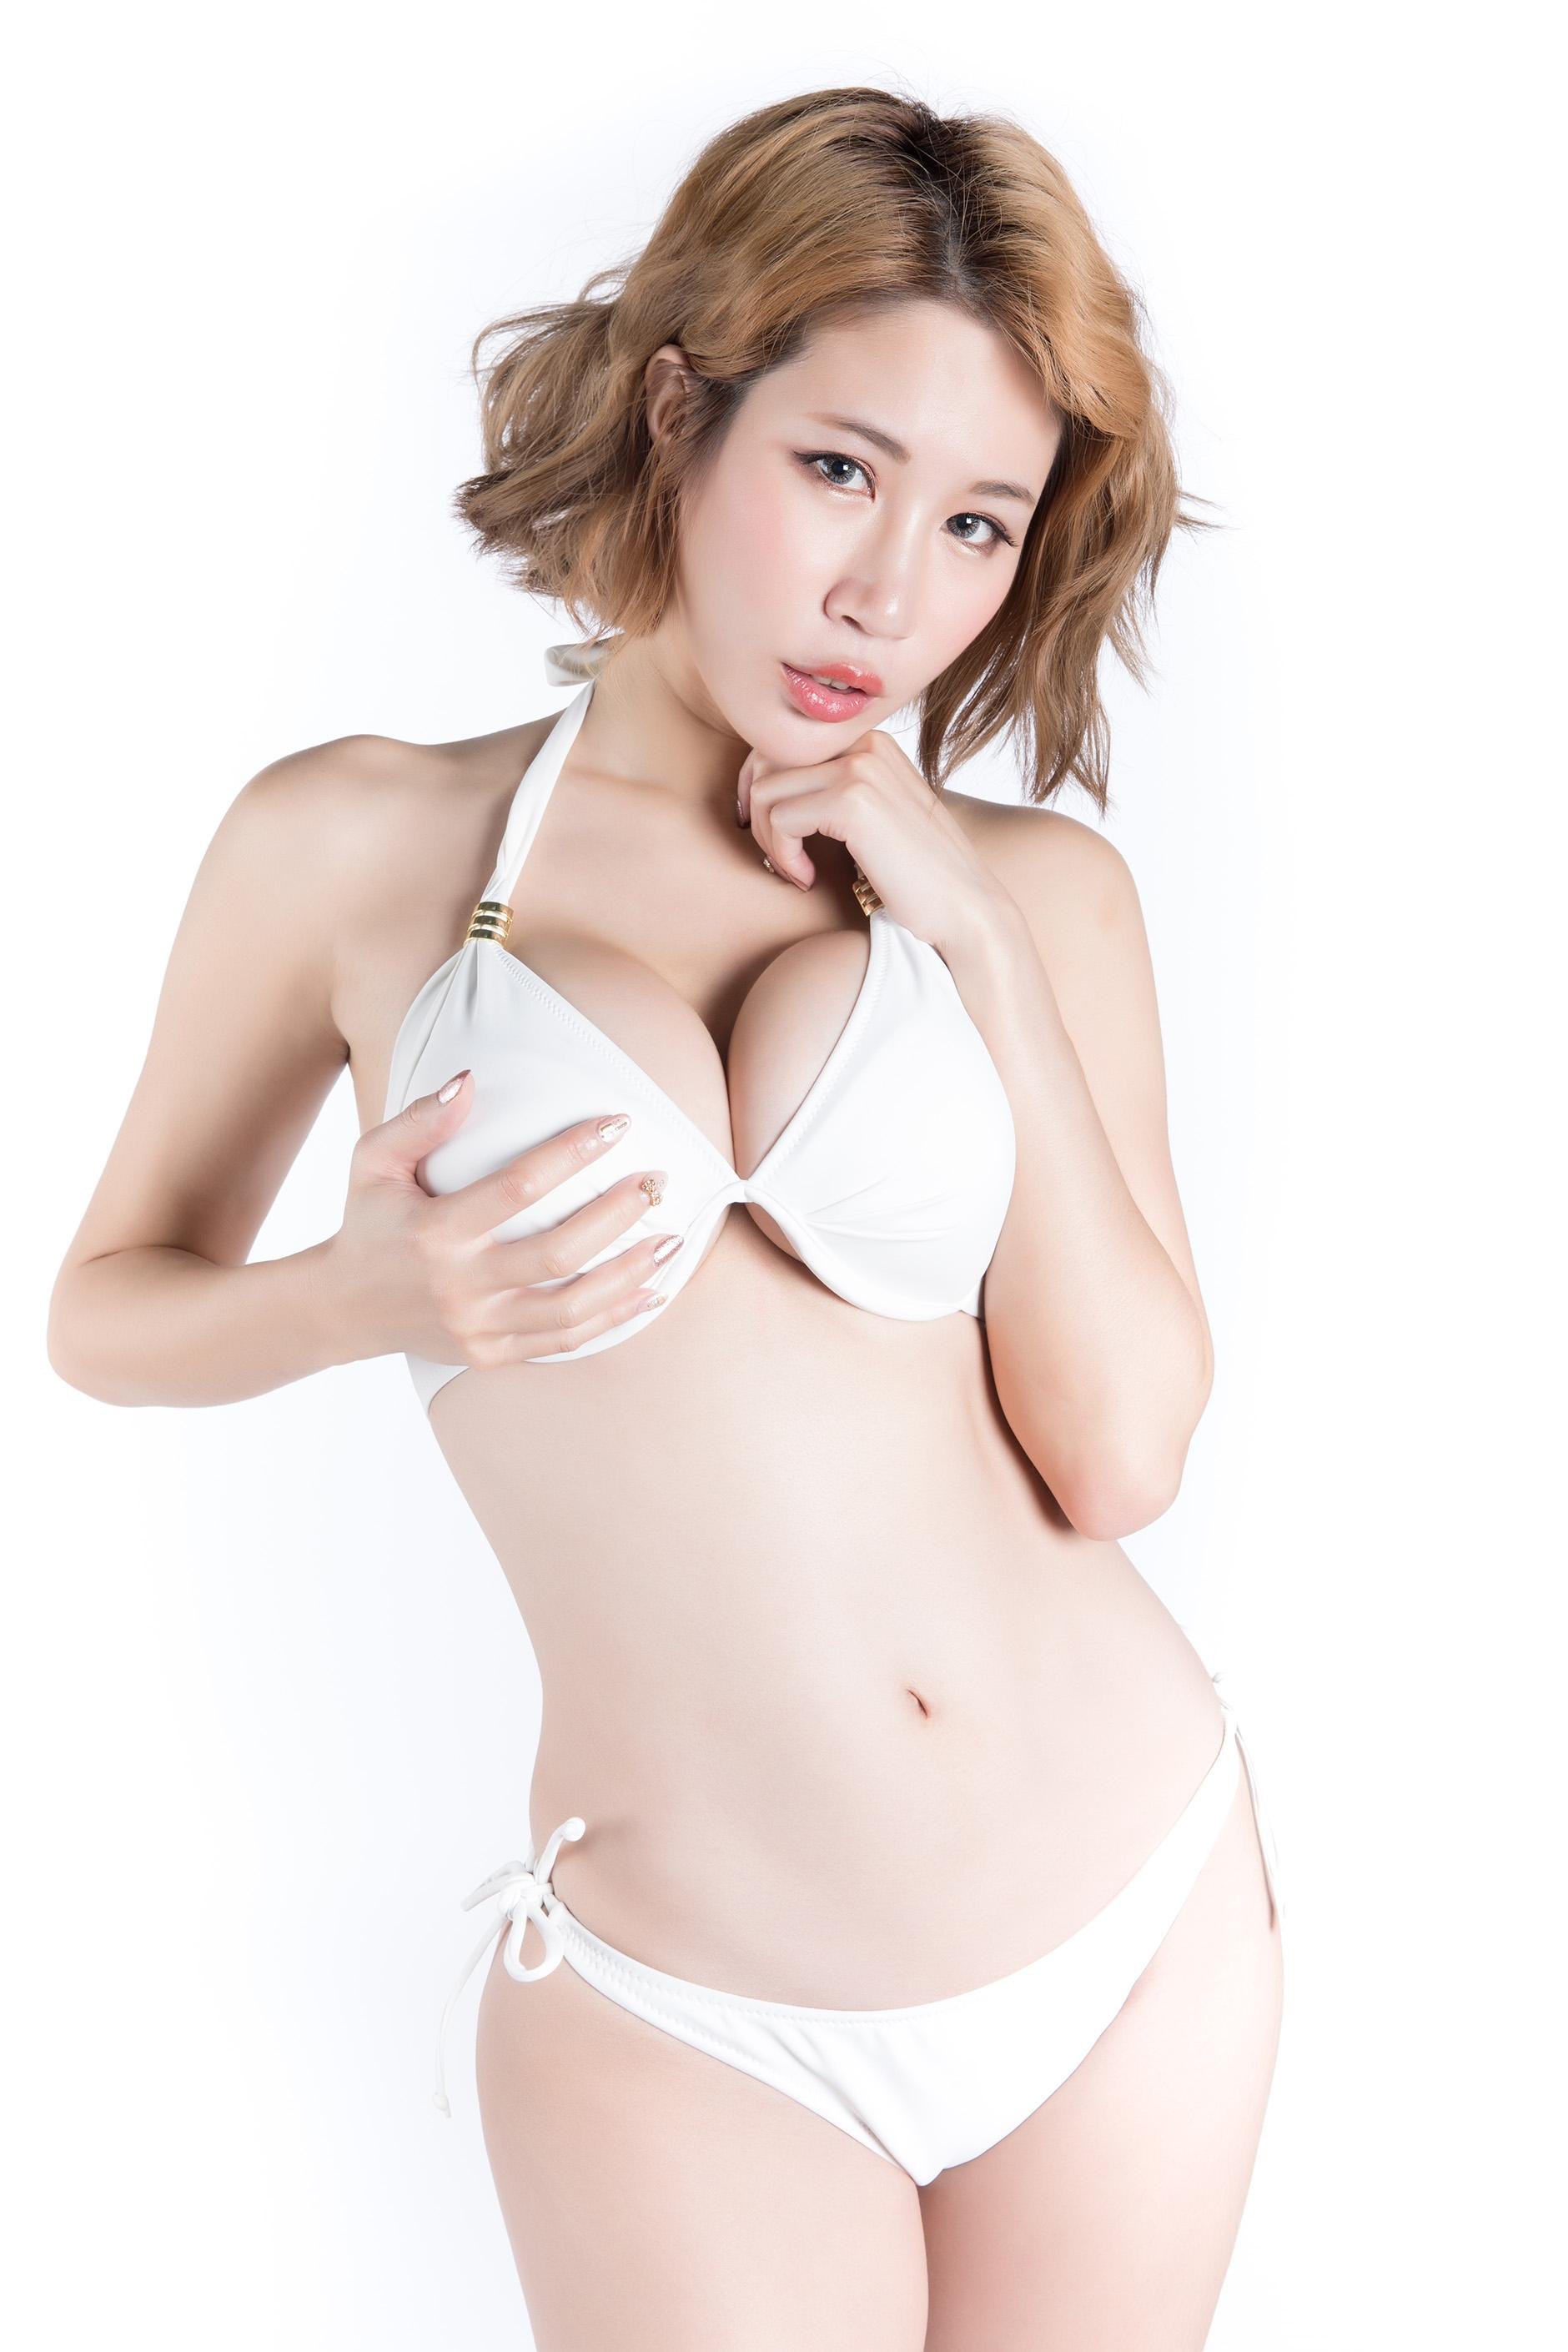 神奇爆乳嫩模 辛尤里 [30P] - 美女圖 -